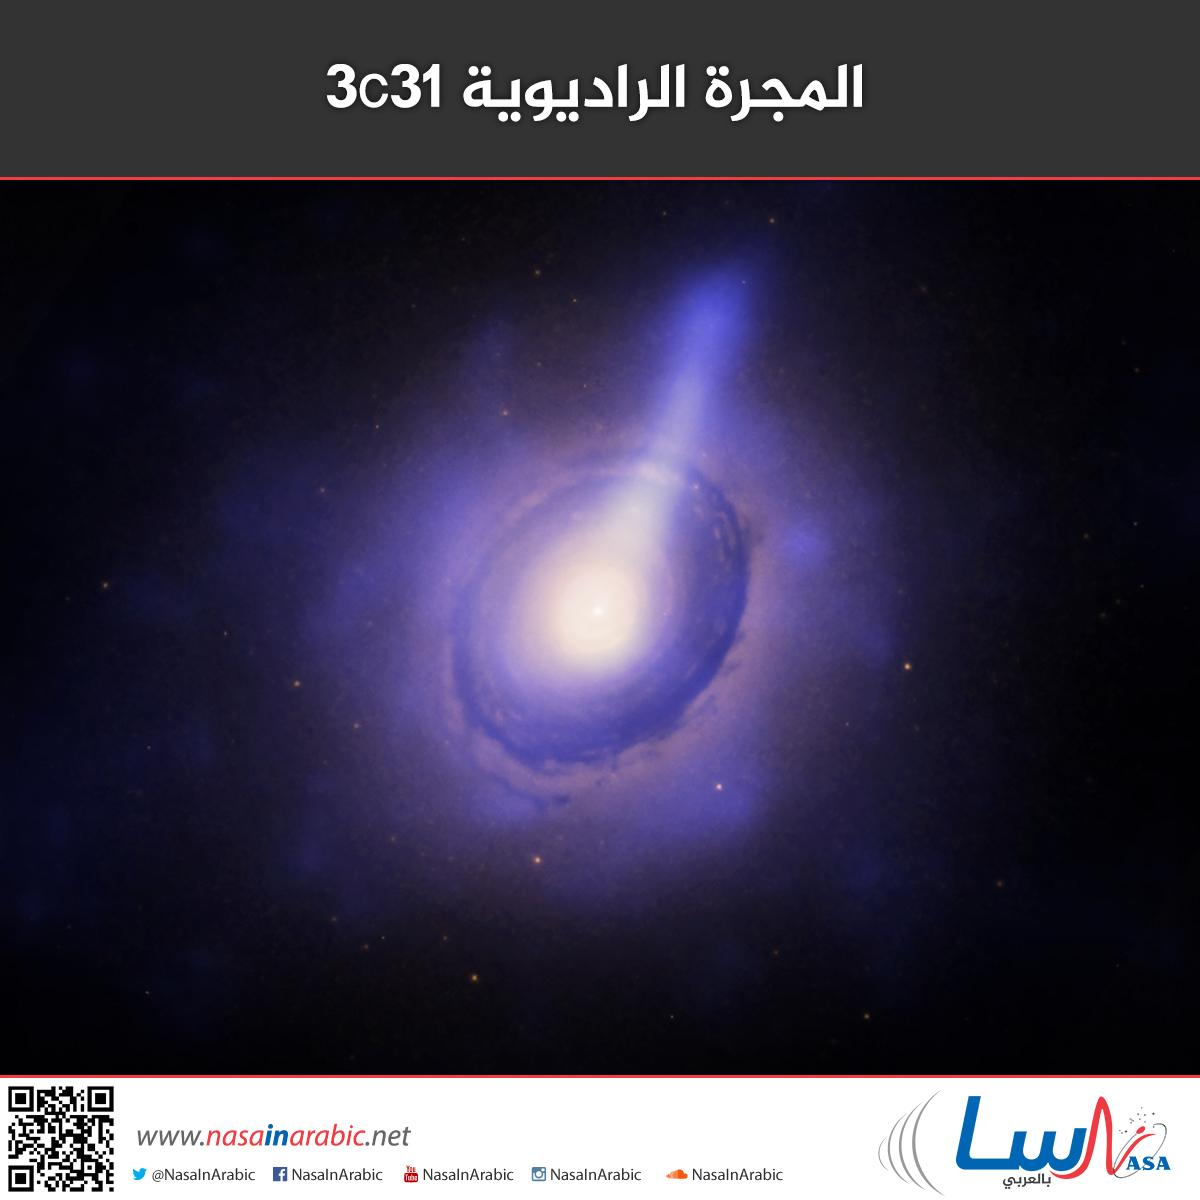 المجرة الراديوية 3C31